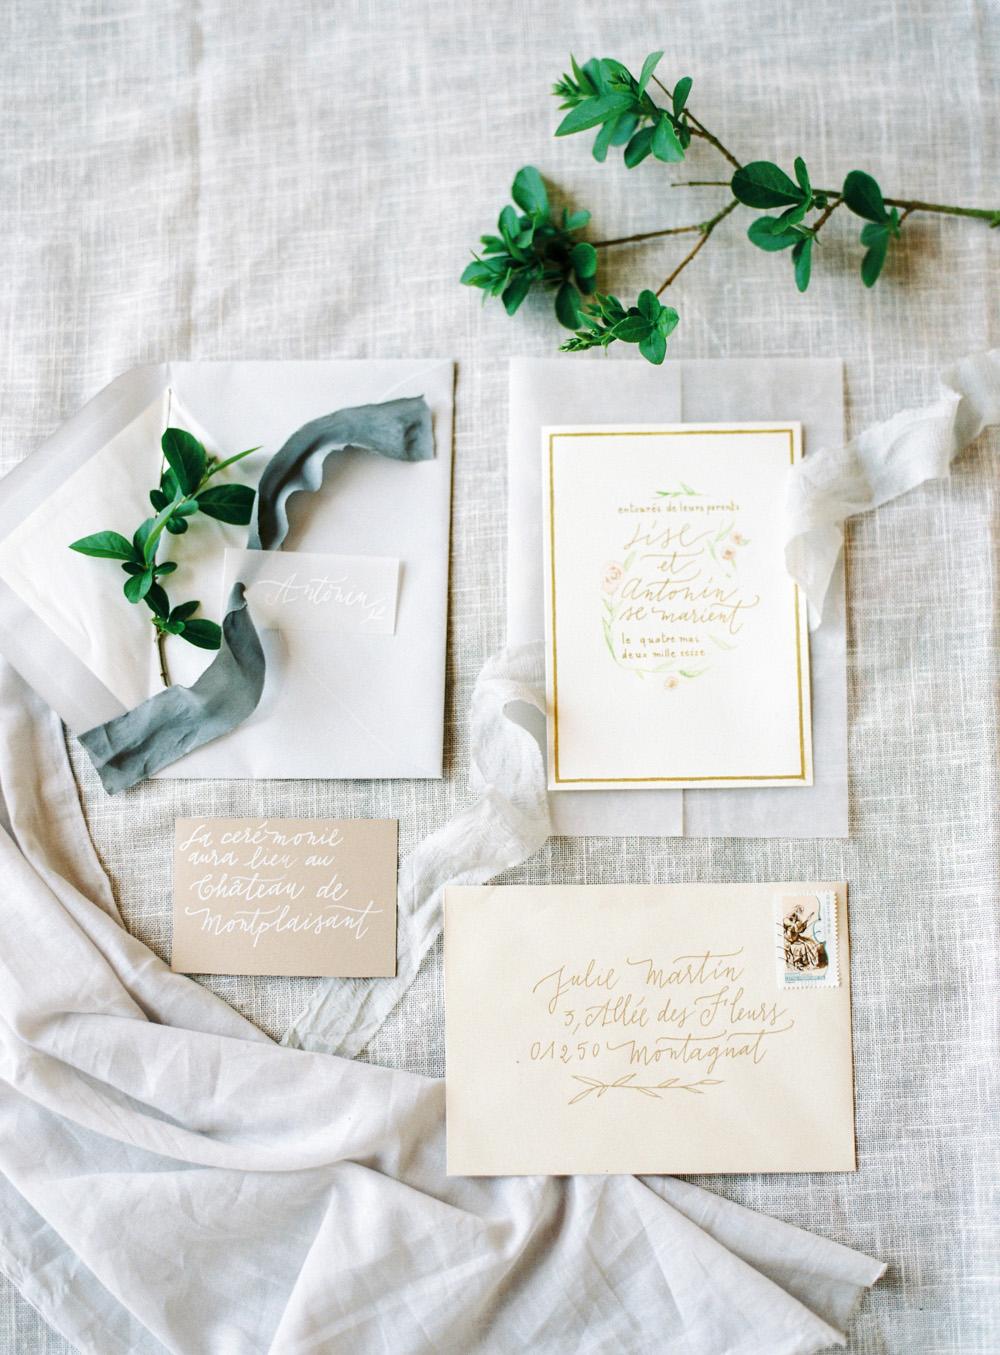 blanccoco_photographe_mariage_chic_nude_pastel_chateau_montplaisant_44